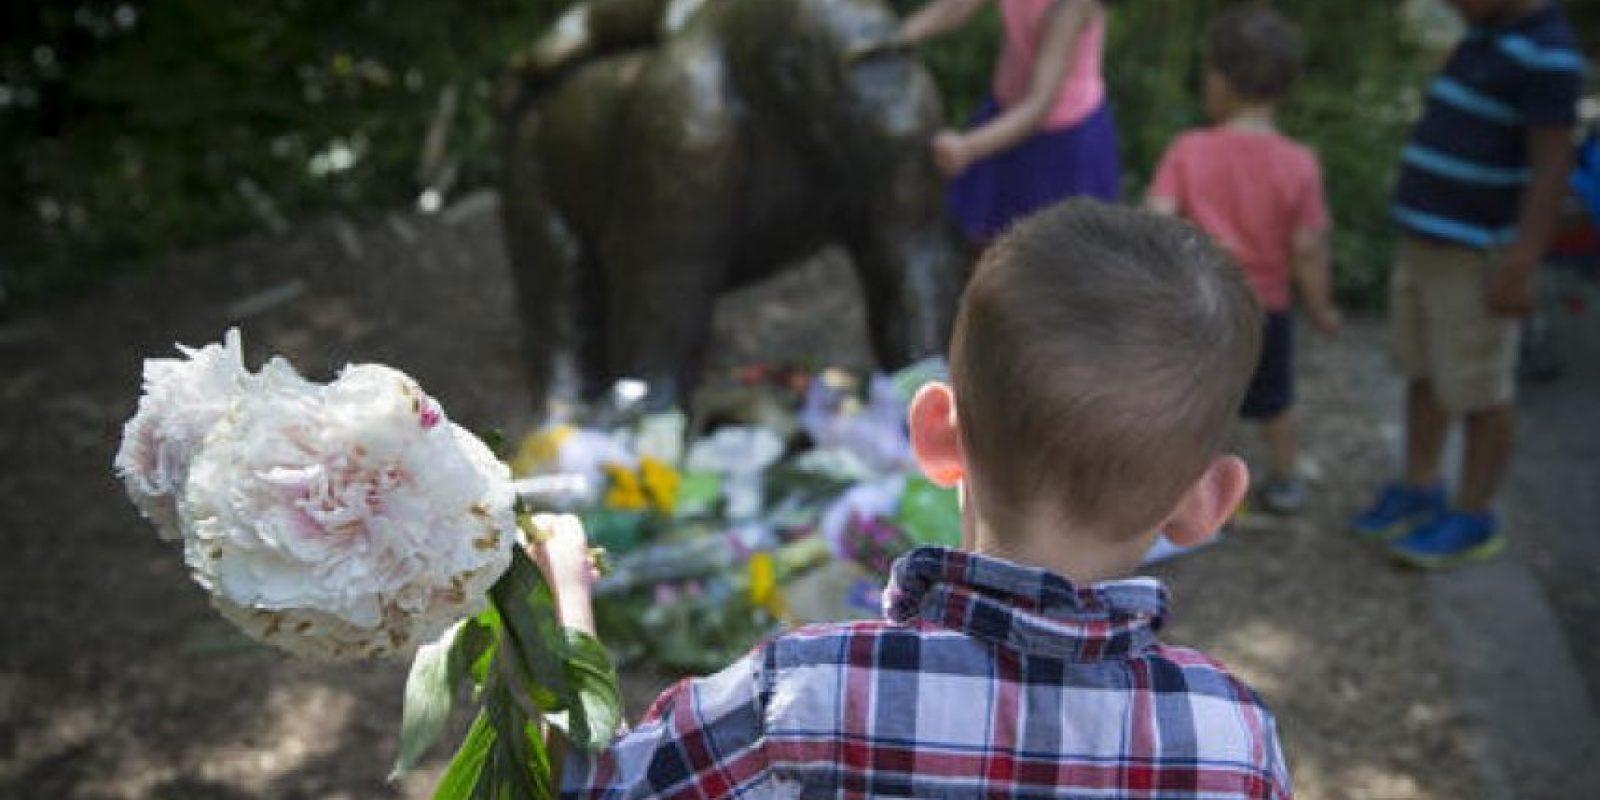 Visitantes del zoológico de Cincinnati homenajearon al primate con flores y cartas. Foto:AP